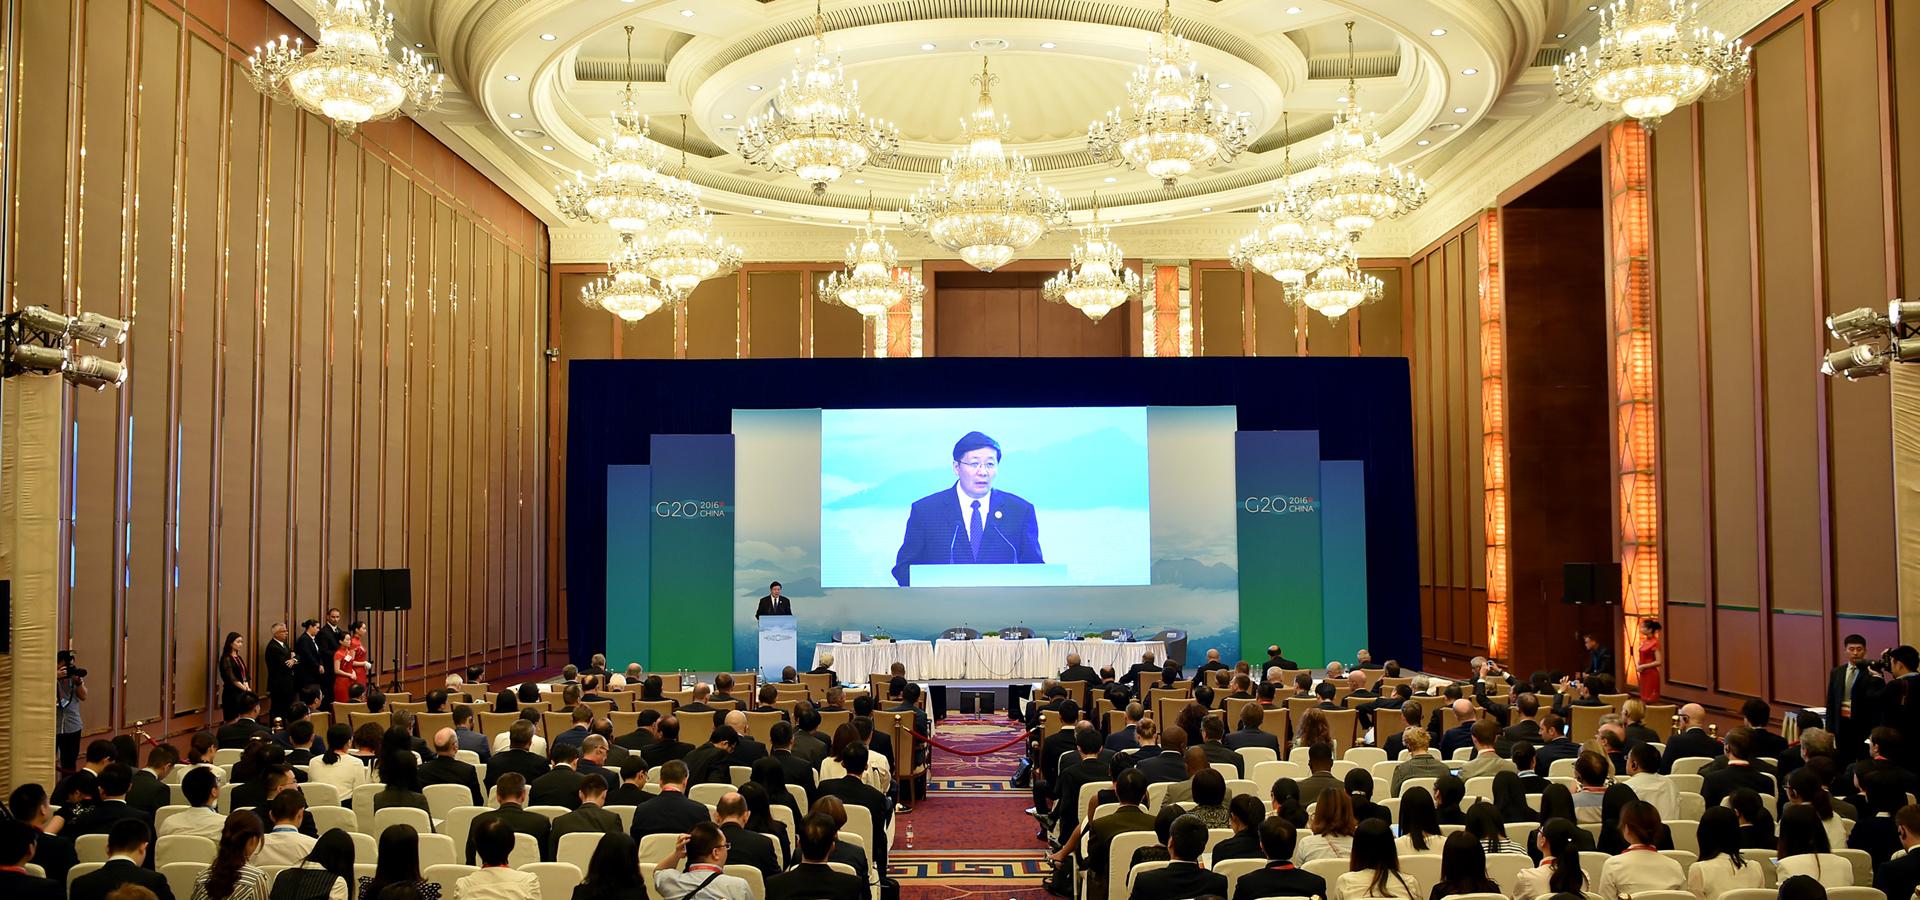 G20稅收高級別研討會在成都舉行